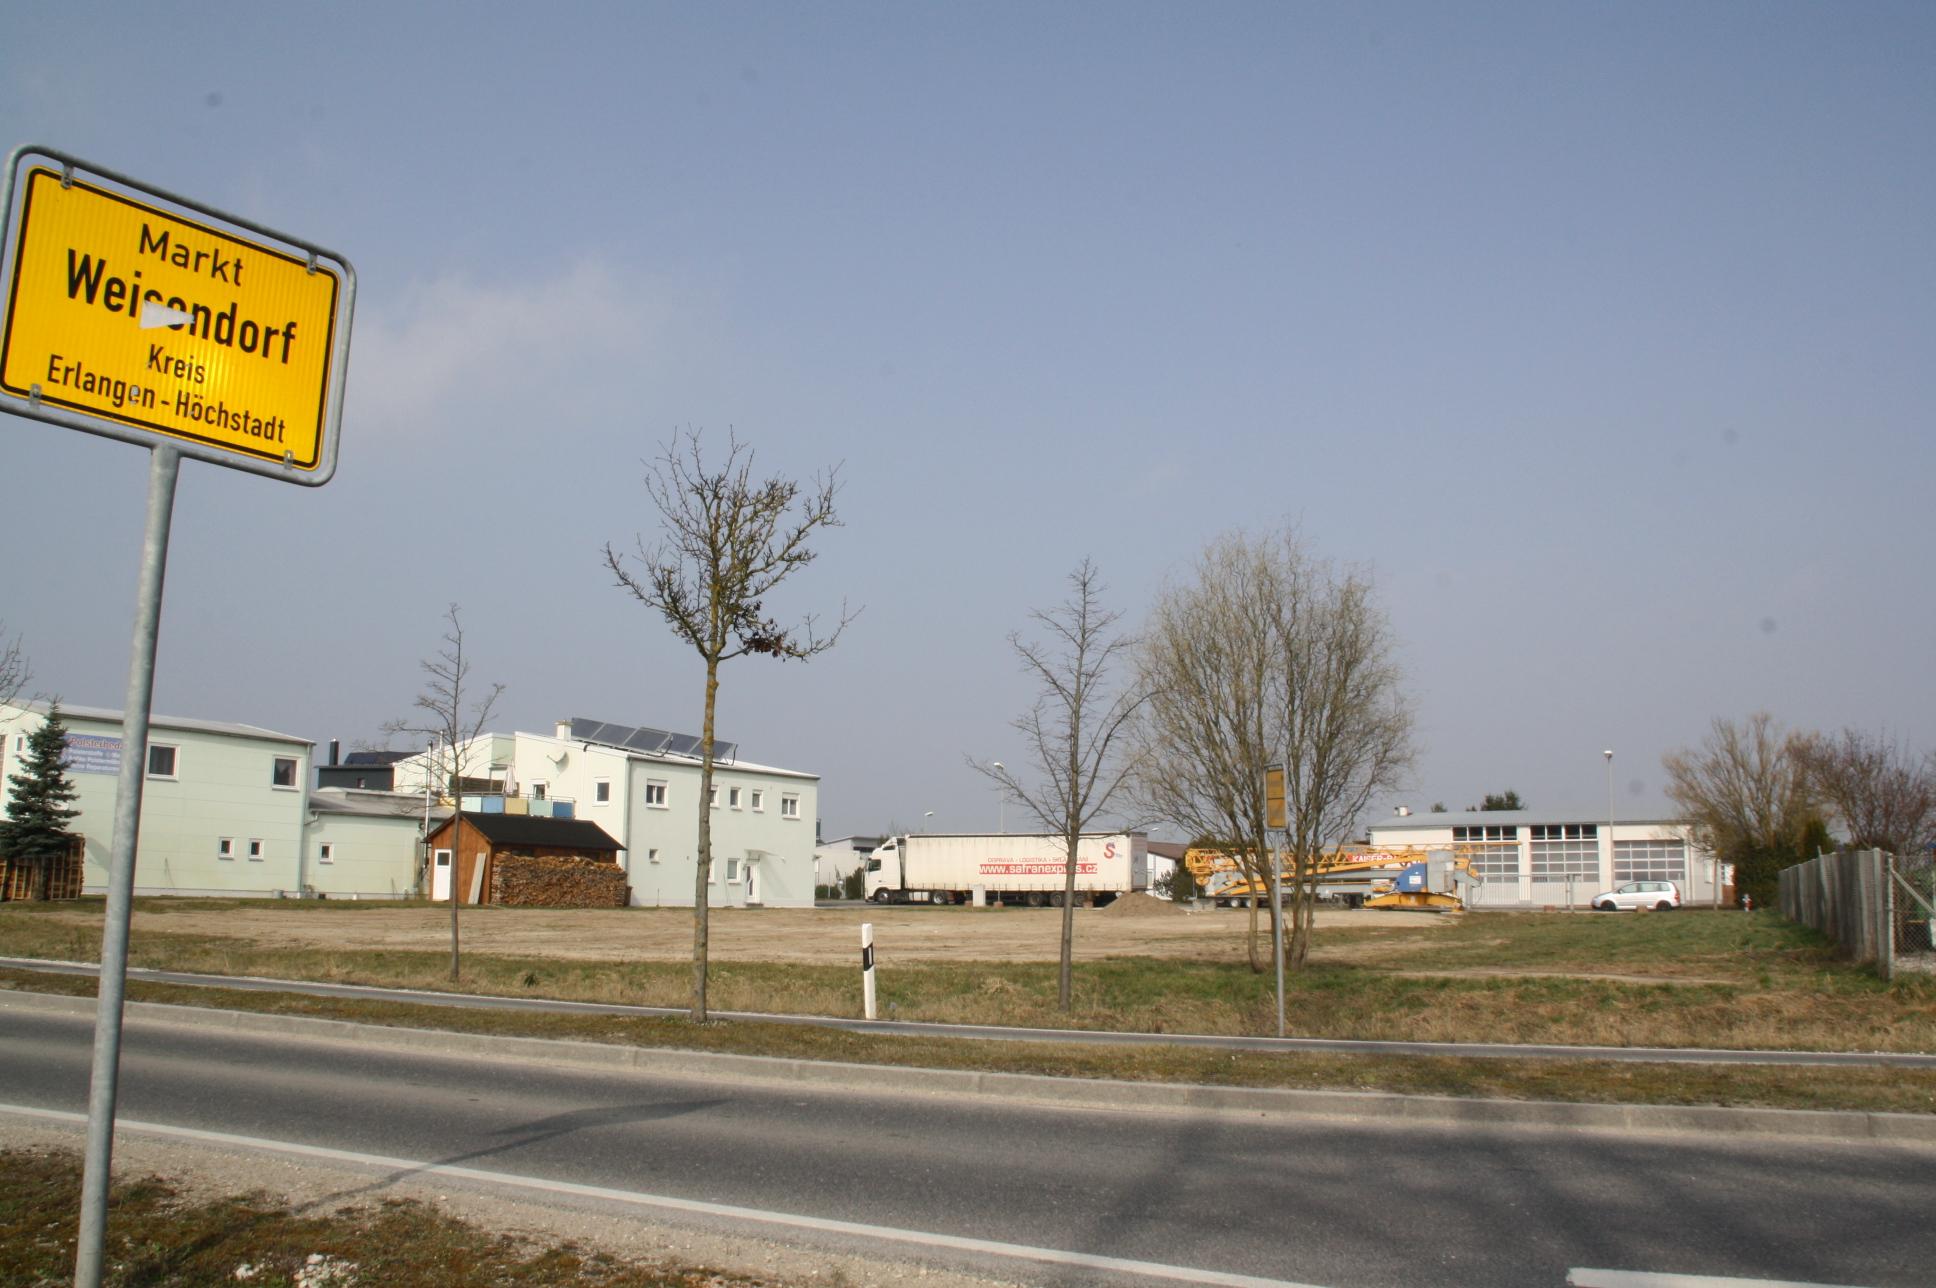 Das letzte unbebaute Grundstück im Gewerbegebiet Ost direkt an der Staatsstraße, allerdings nicht in kommunalem Besitz. Jehovas Zeugen wollten dort ein Kirchengebäude errichten.